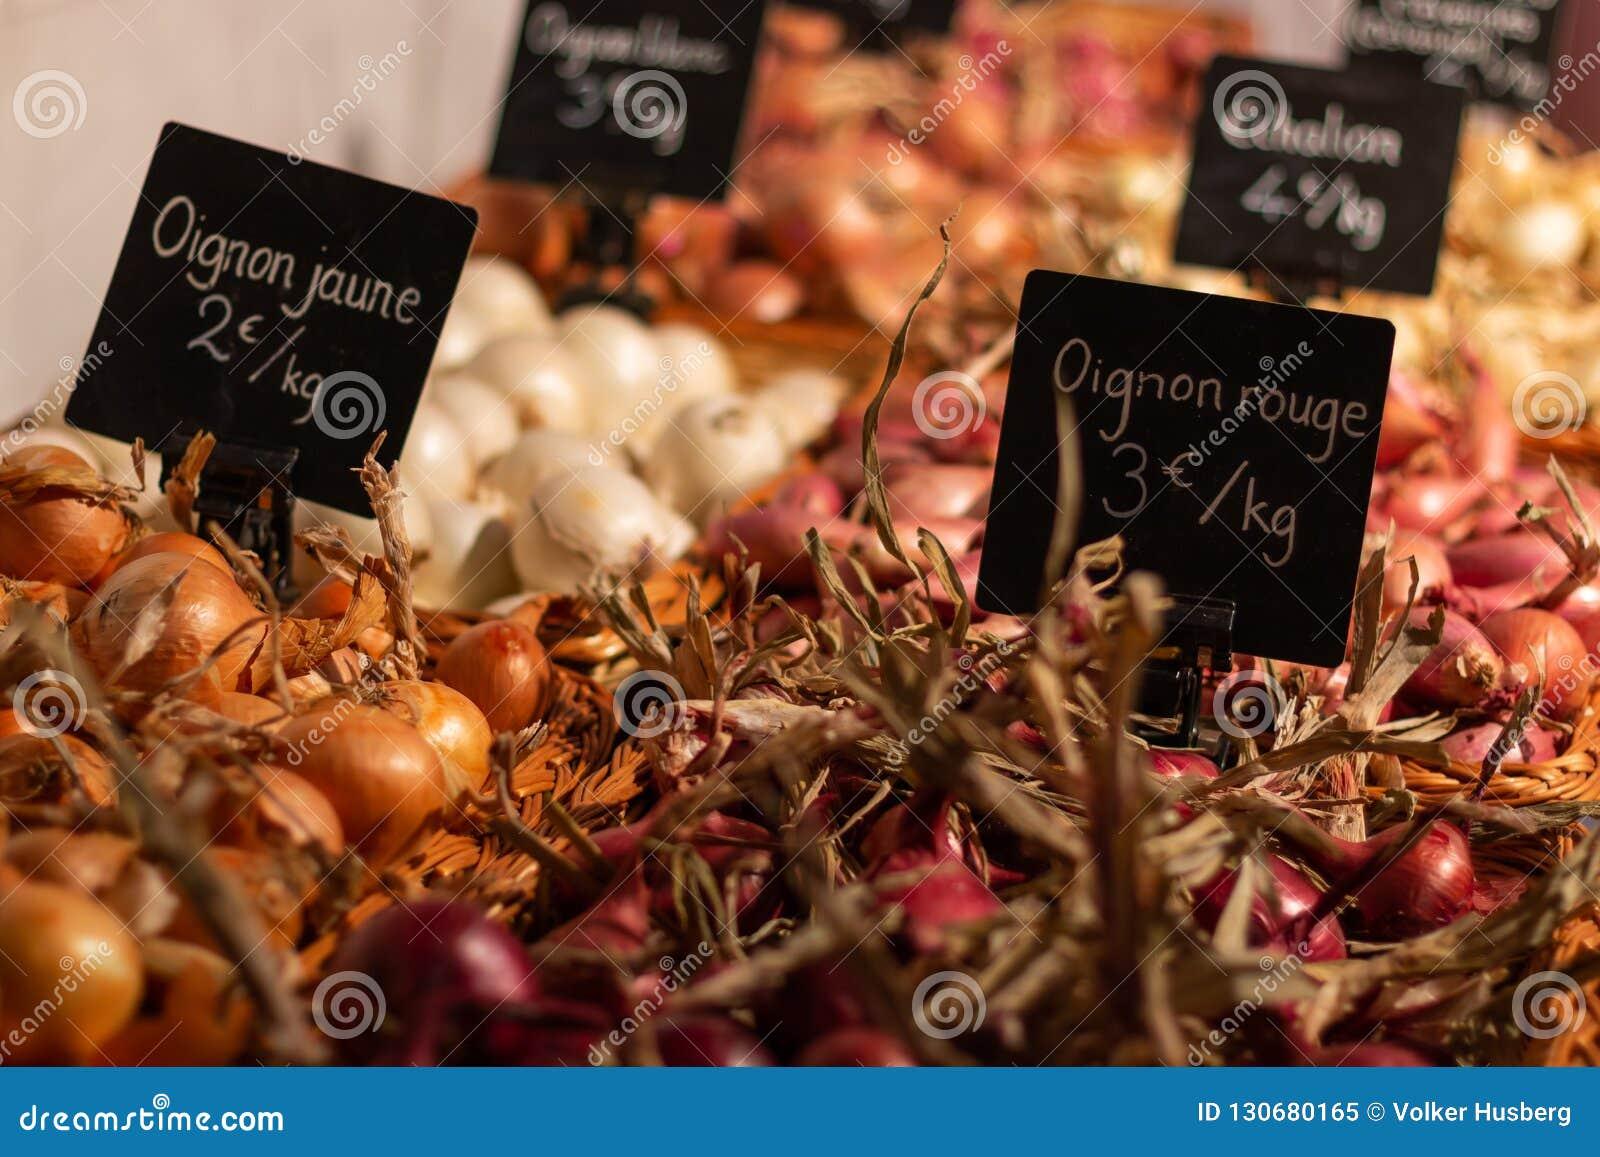 Oignons de différentes couleurs dans une stalle du marché avec des prix à payer